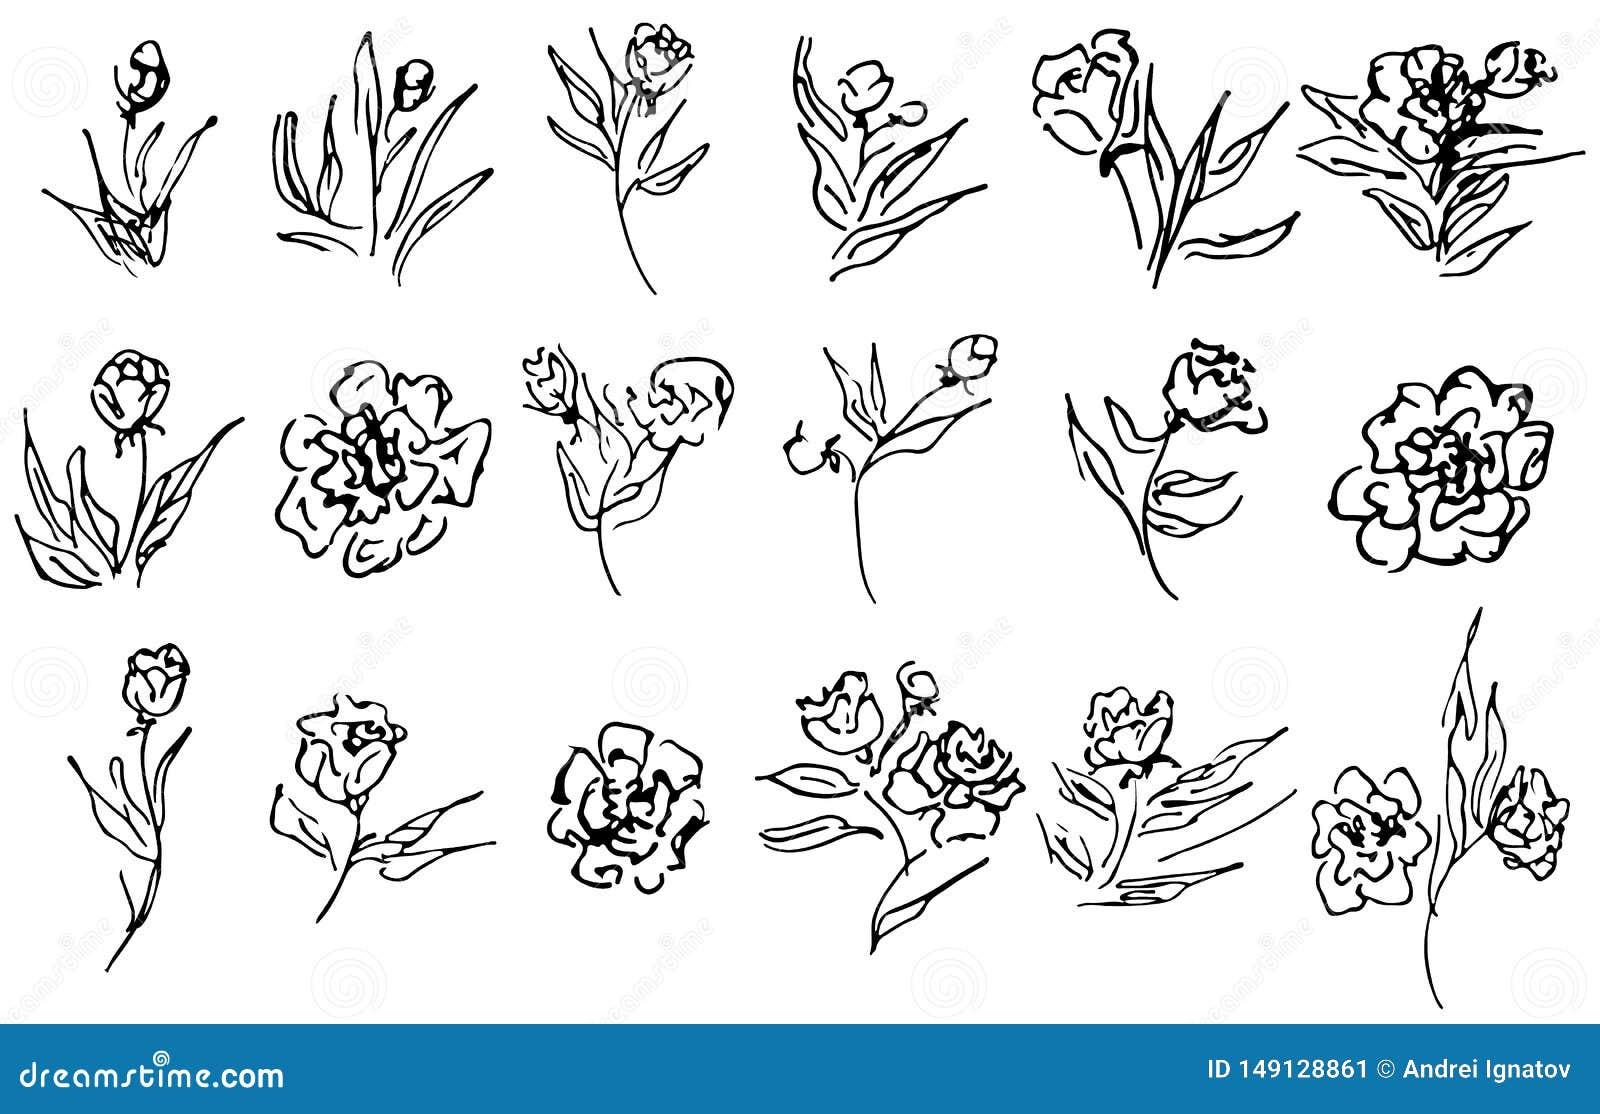 Fiori e raccolta disegnata a mano dei rami isolata su fondo bianco 18 elementi grafici floreali grande insieme di vettore profilo